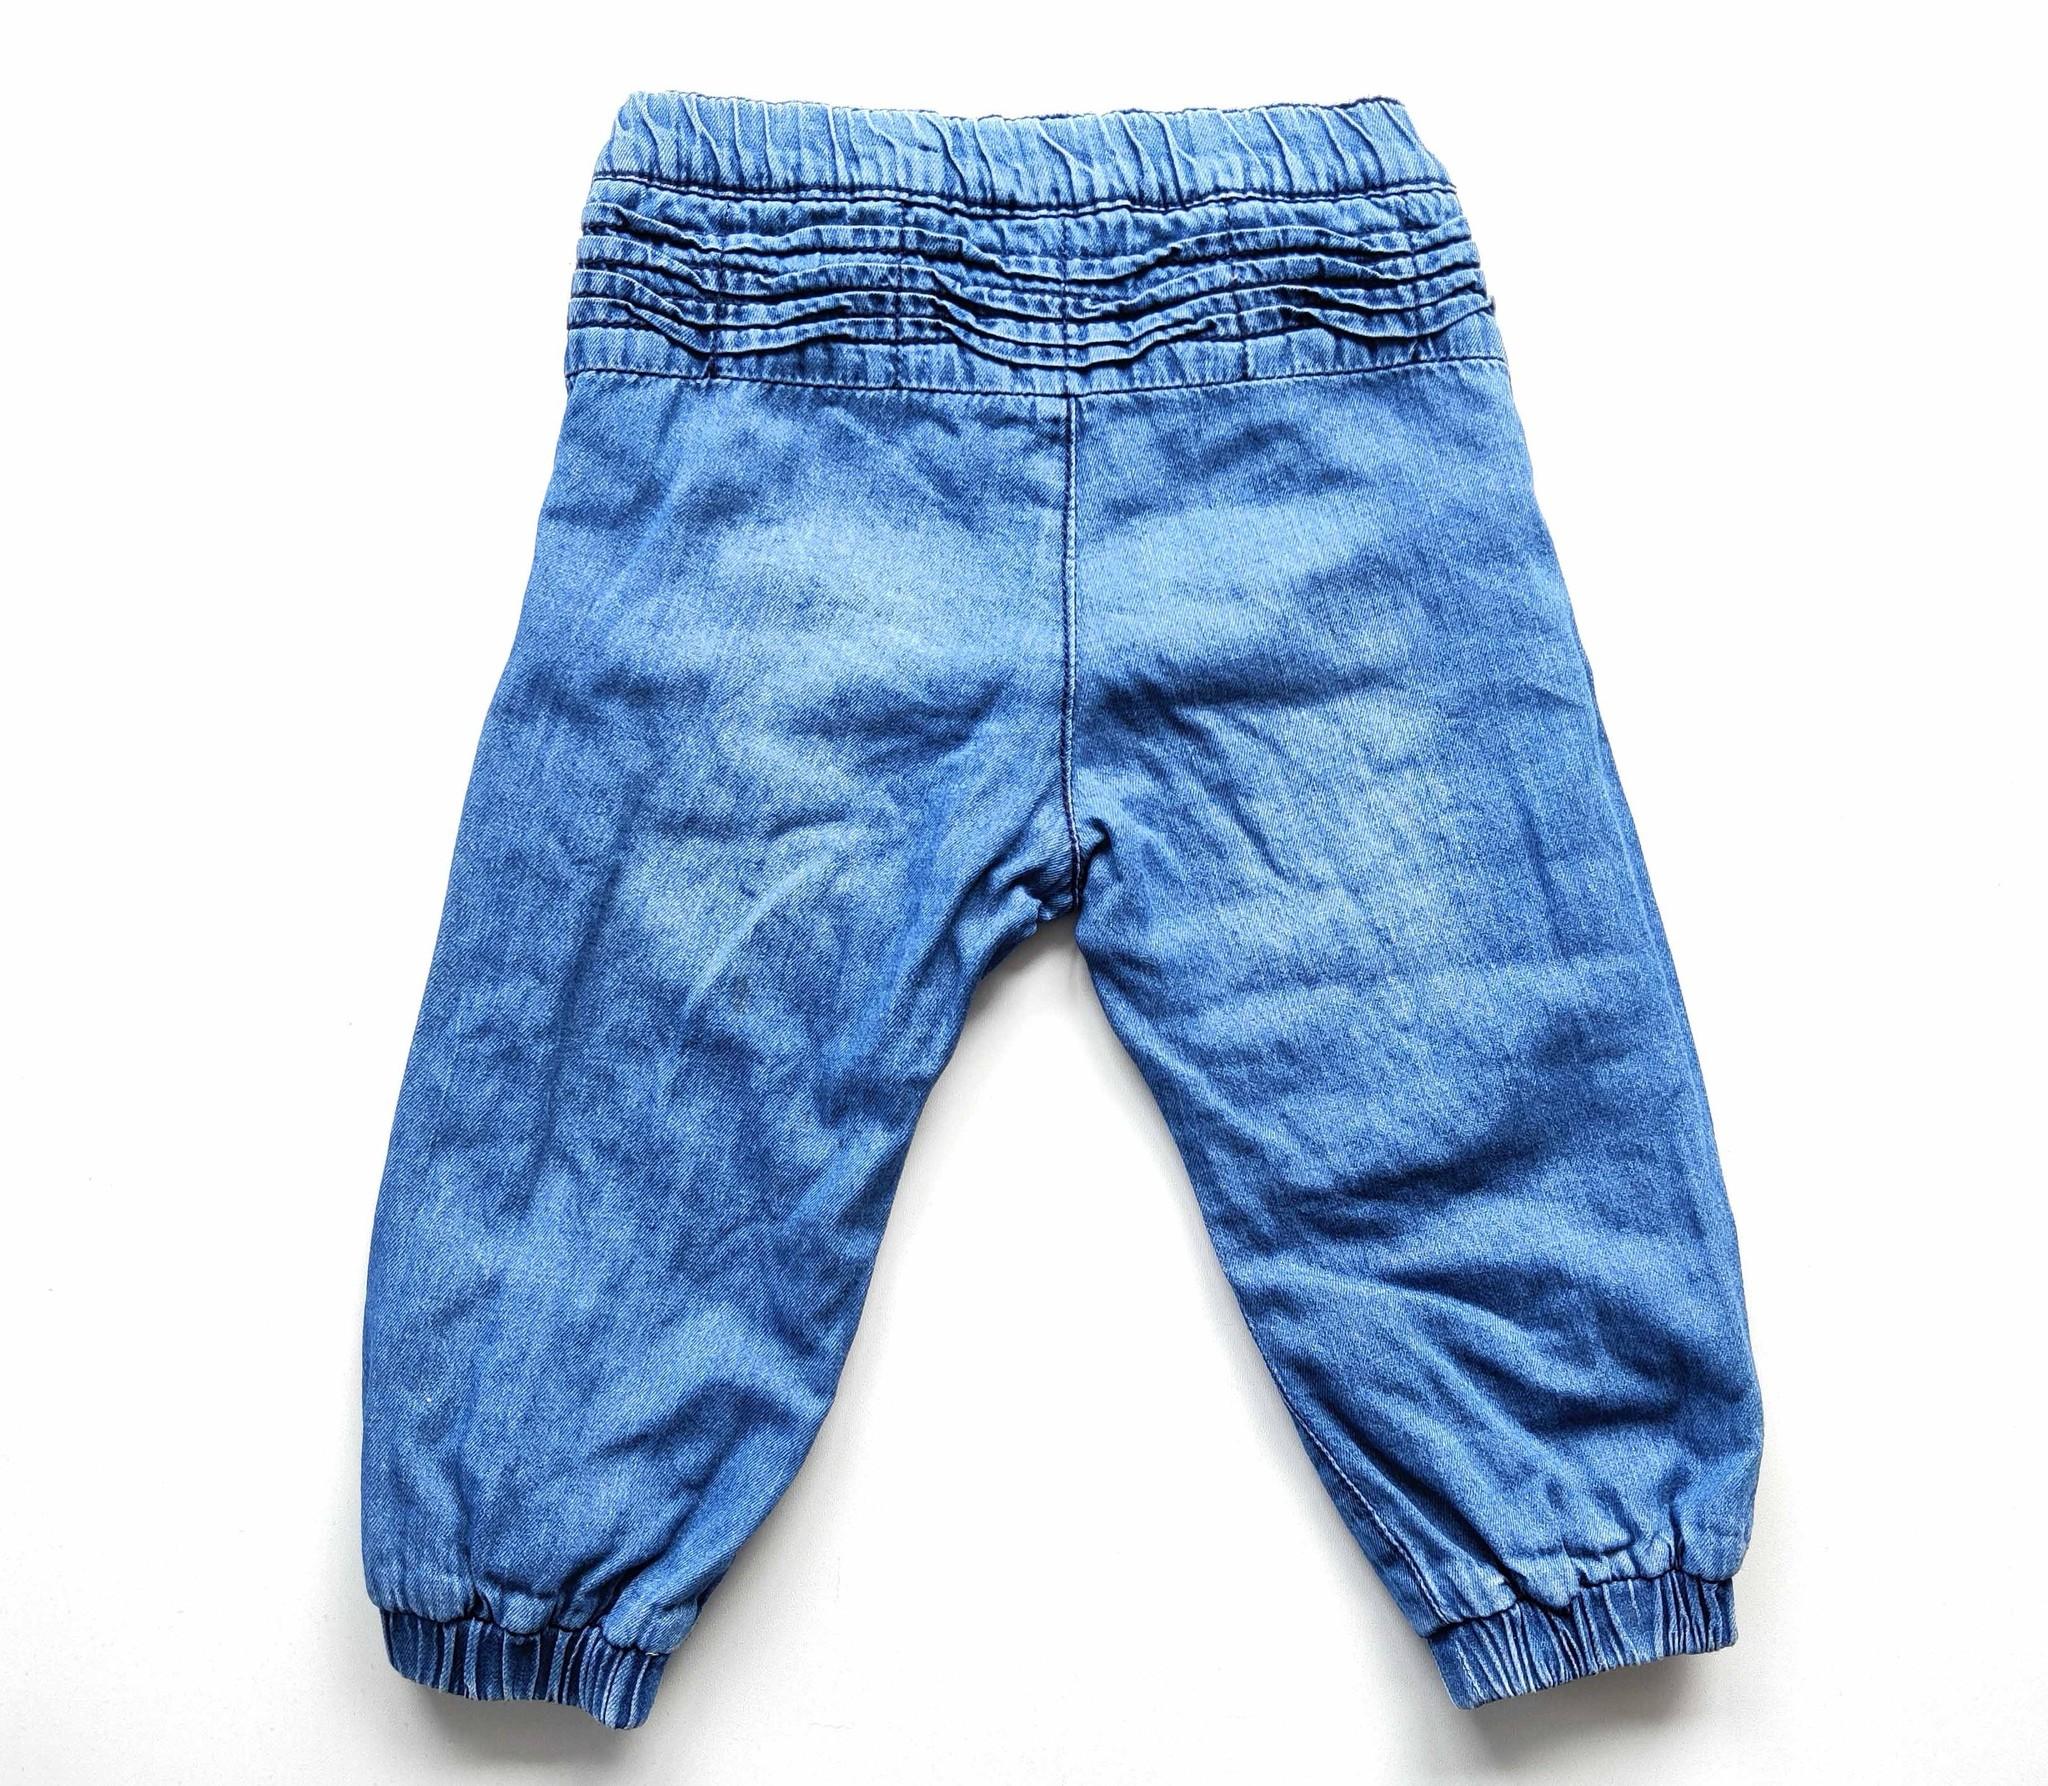 Jeans broek Name It, maat 74-2